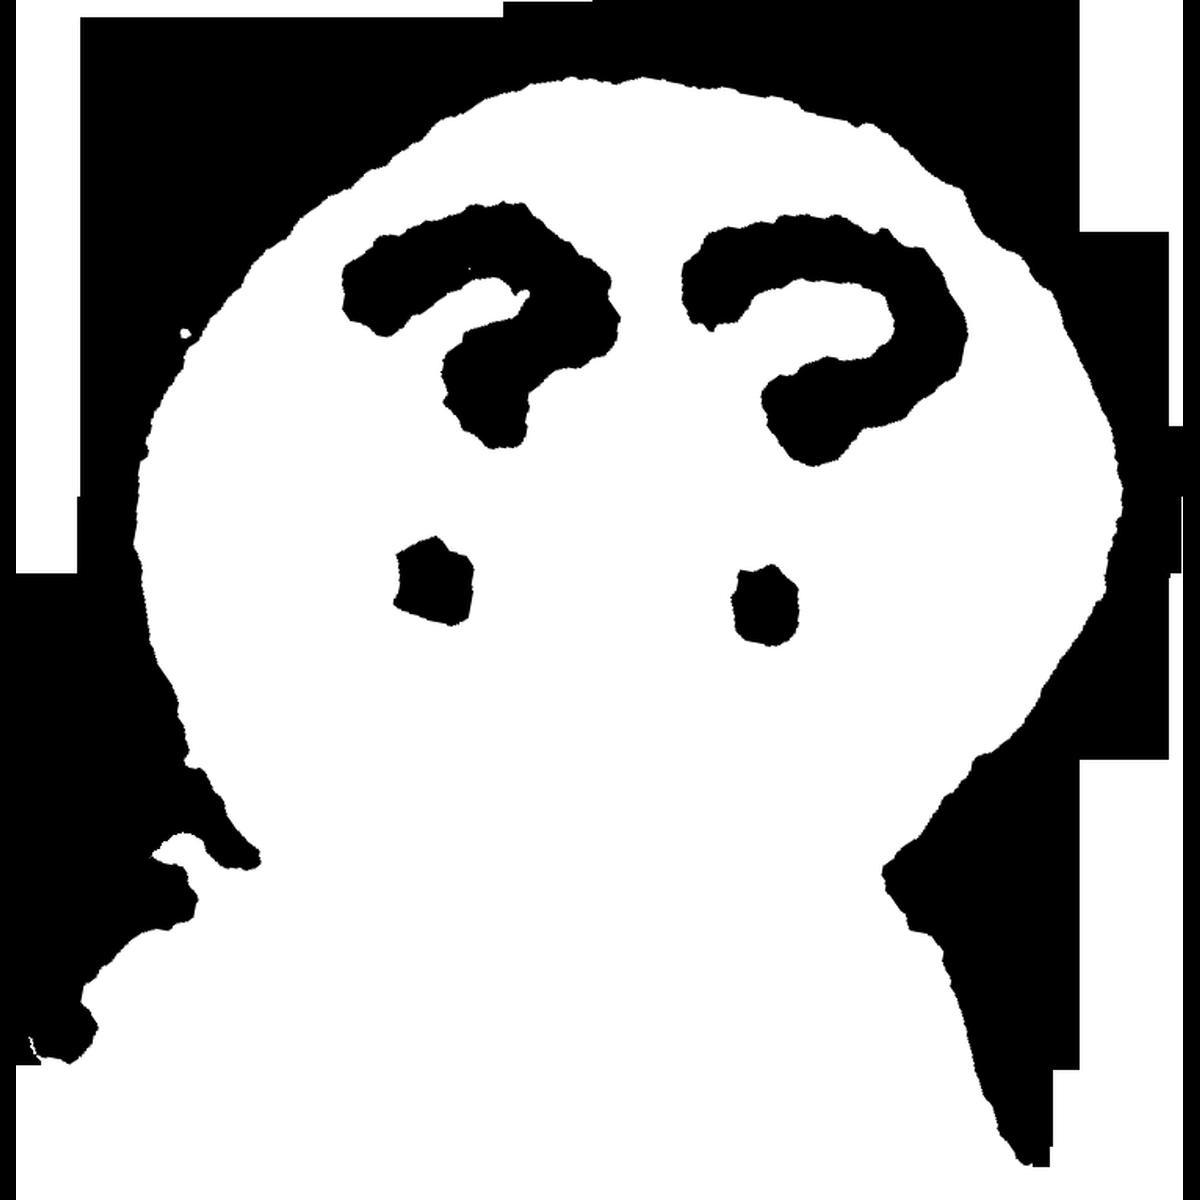 はてなの目Bのイラスト Question